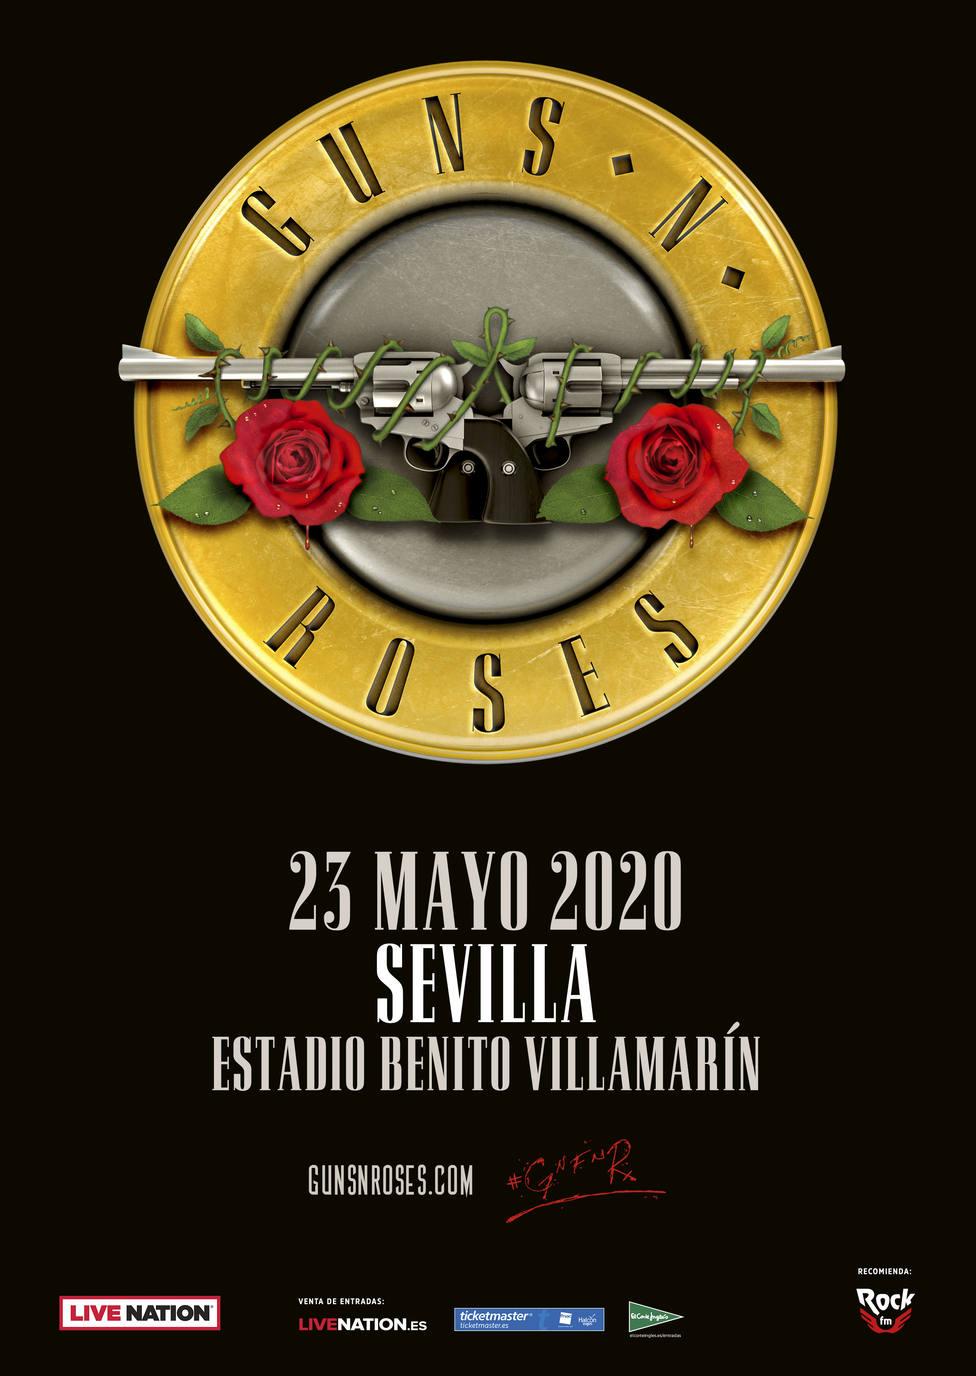 Cartel del concierto de Guns N' Roses en el Benito Villamarín, el próximo 23 de mayo de 2020